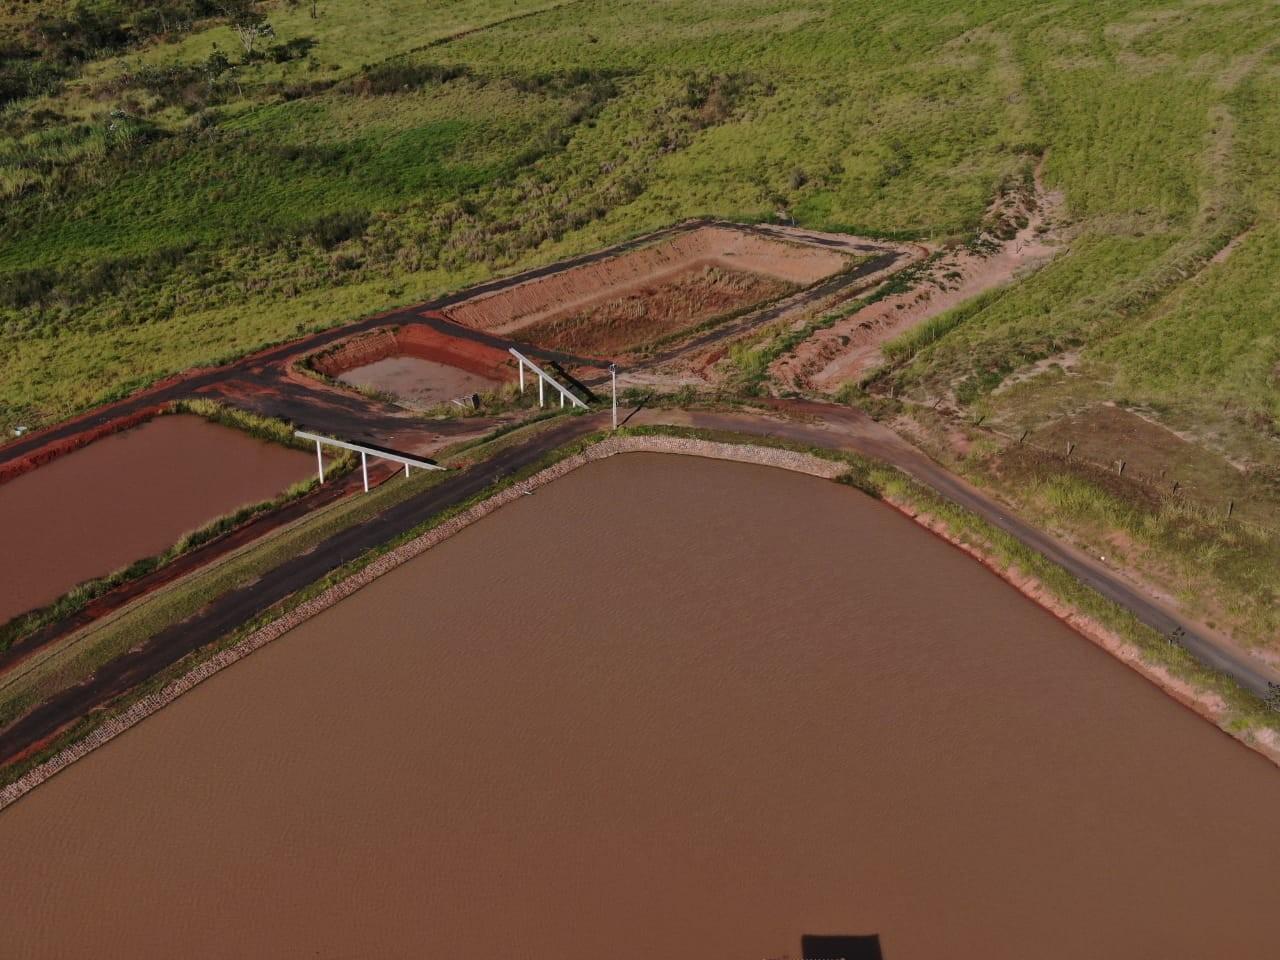 Polícia Ambiental multa fazendeiro em R$ 2,2 mil por degradação em Área de Preservação Permanente